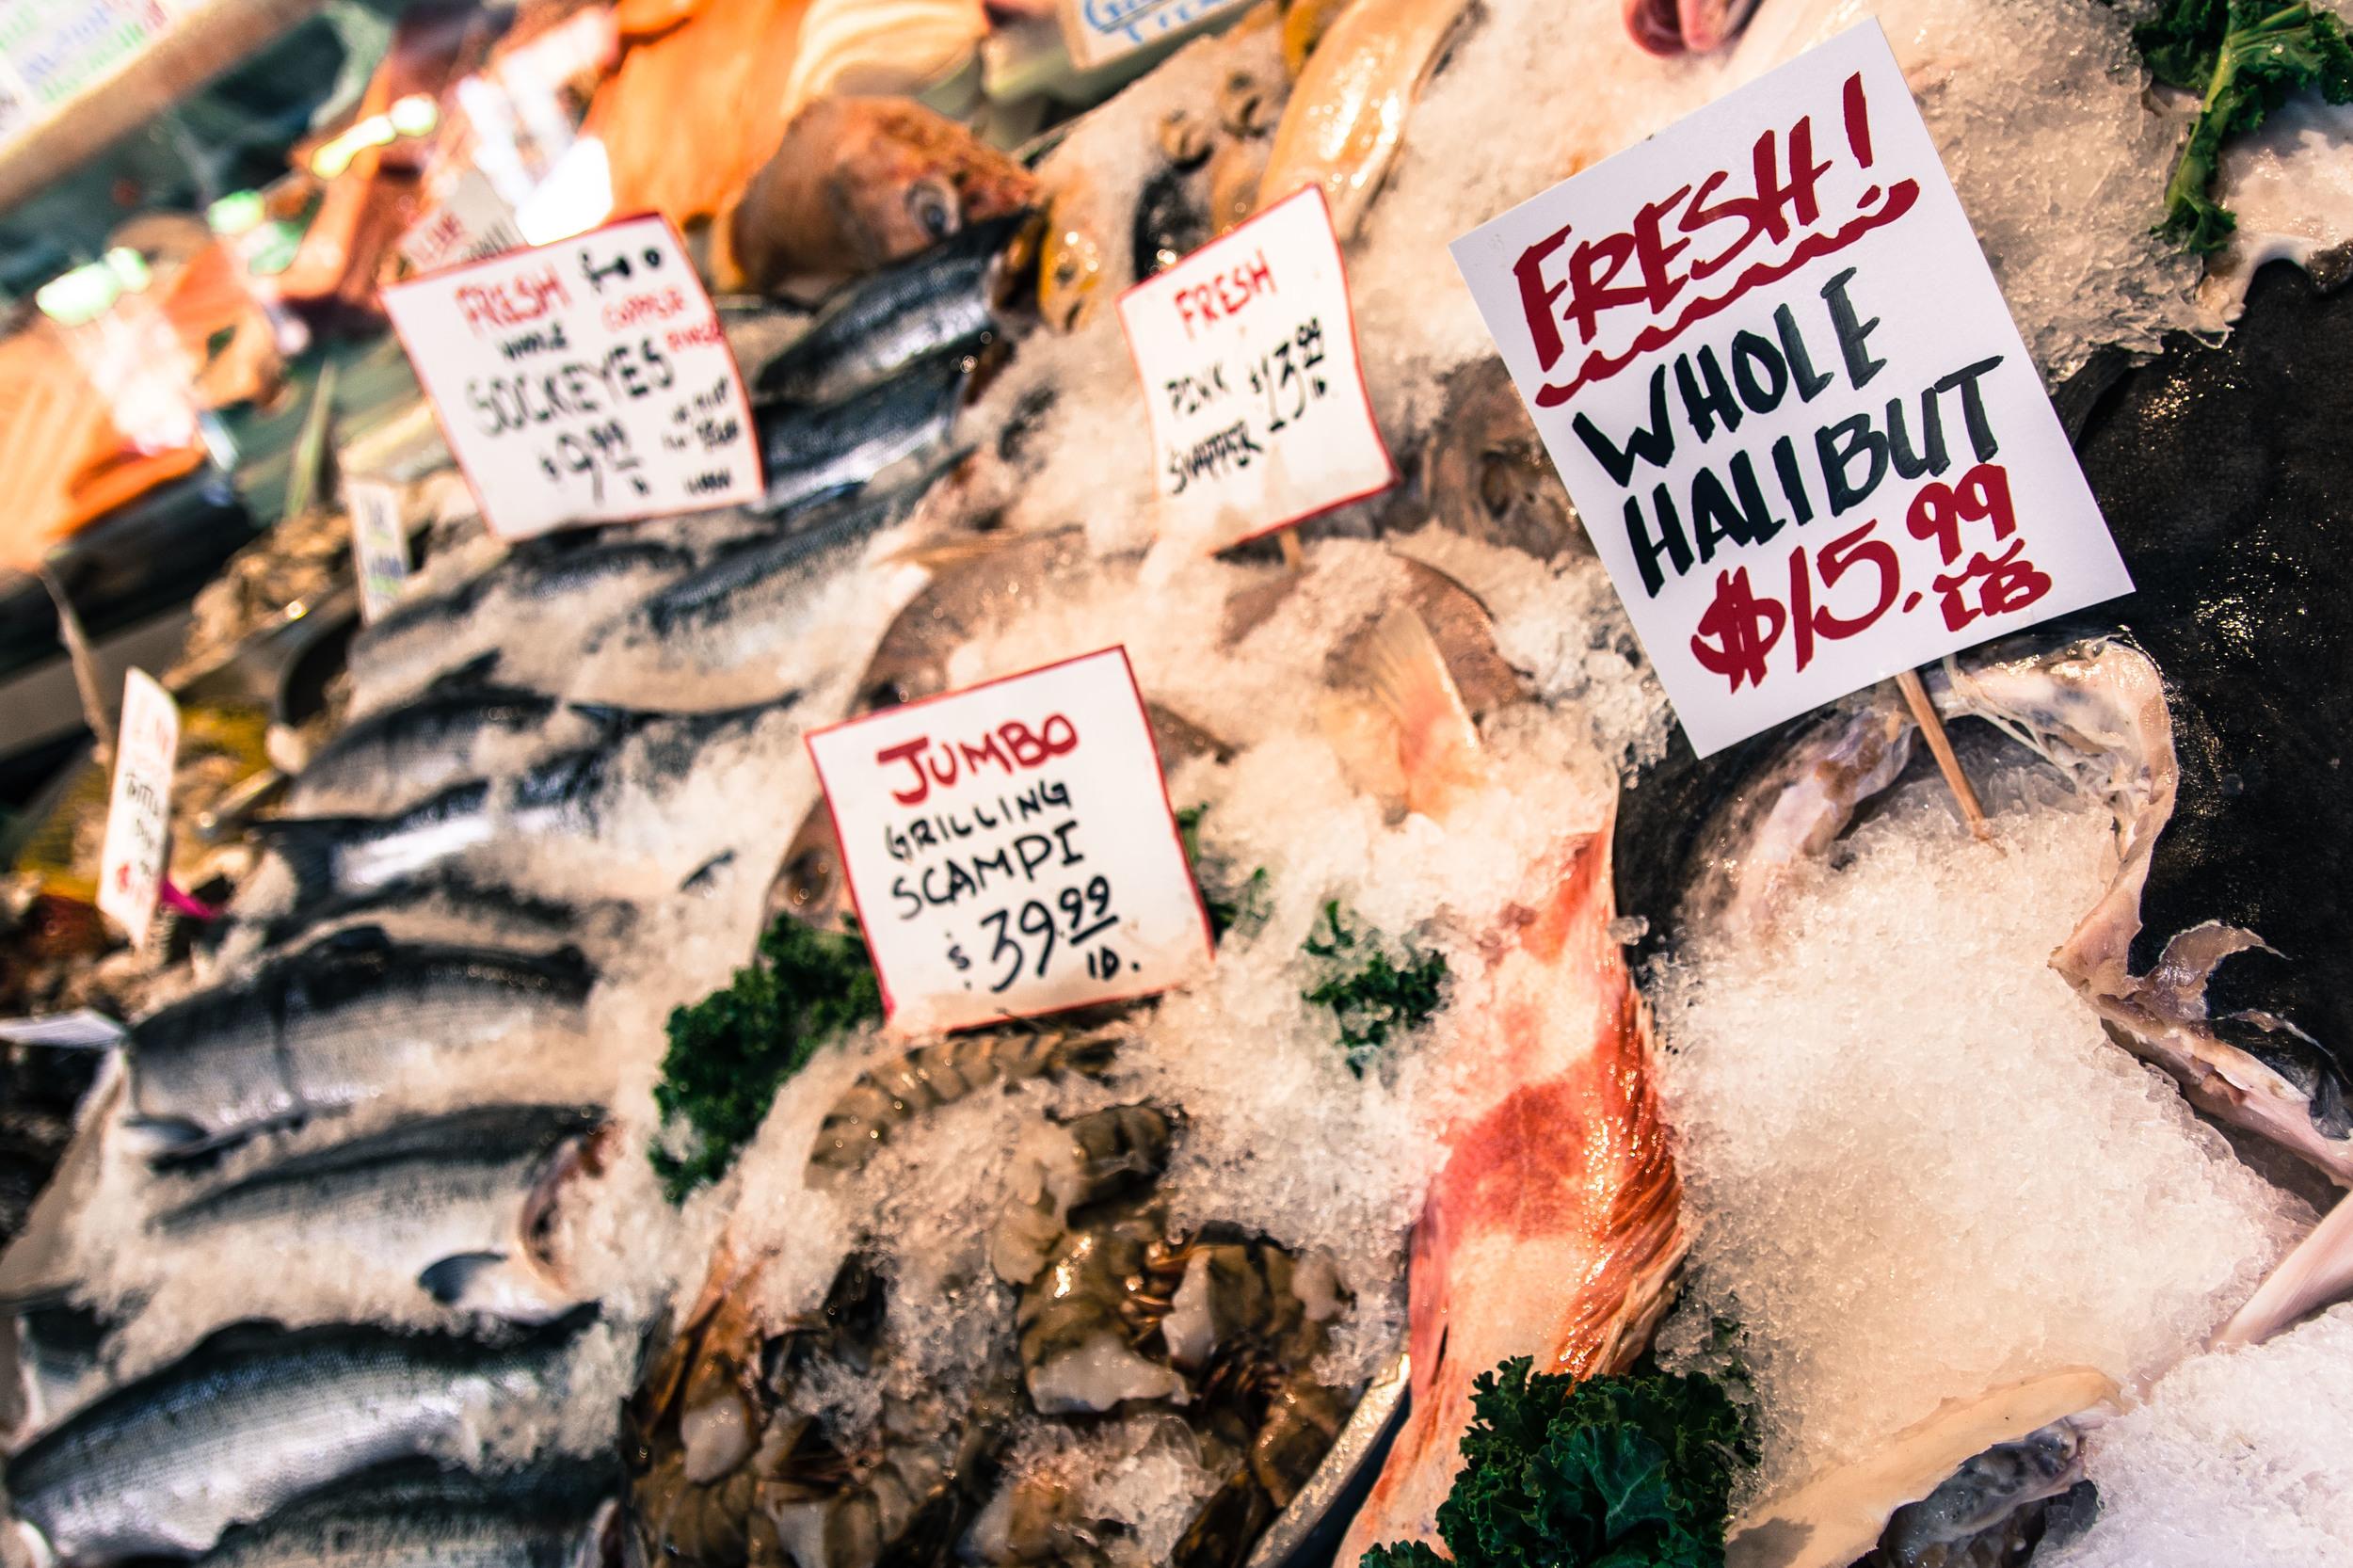 Classic market - Pike's Place Market, Seattle, WA.